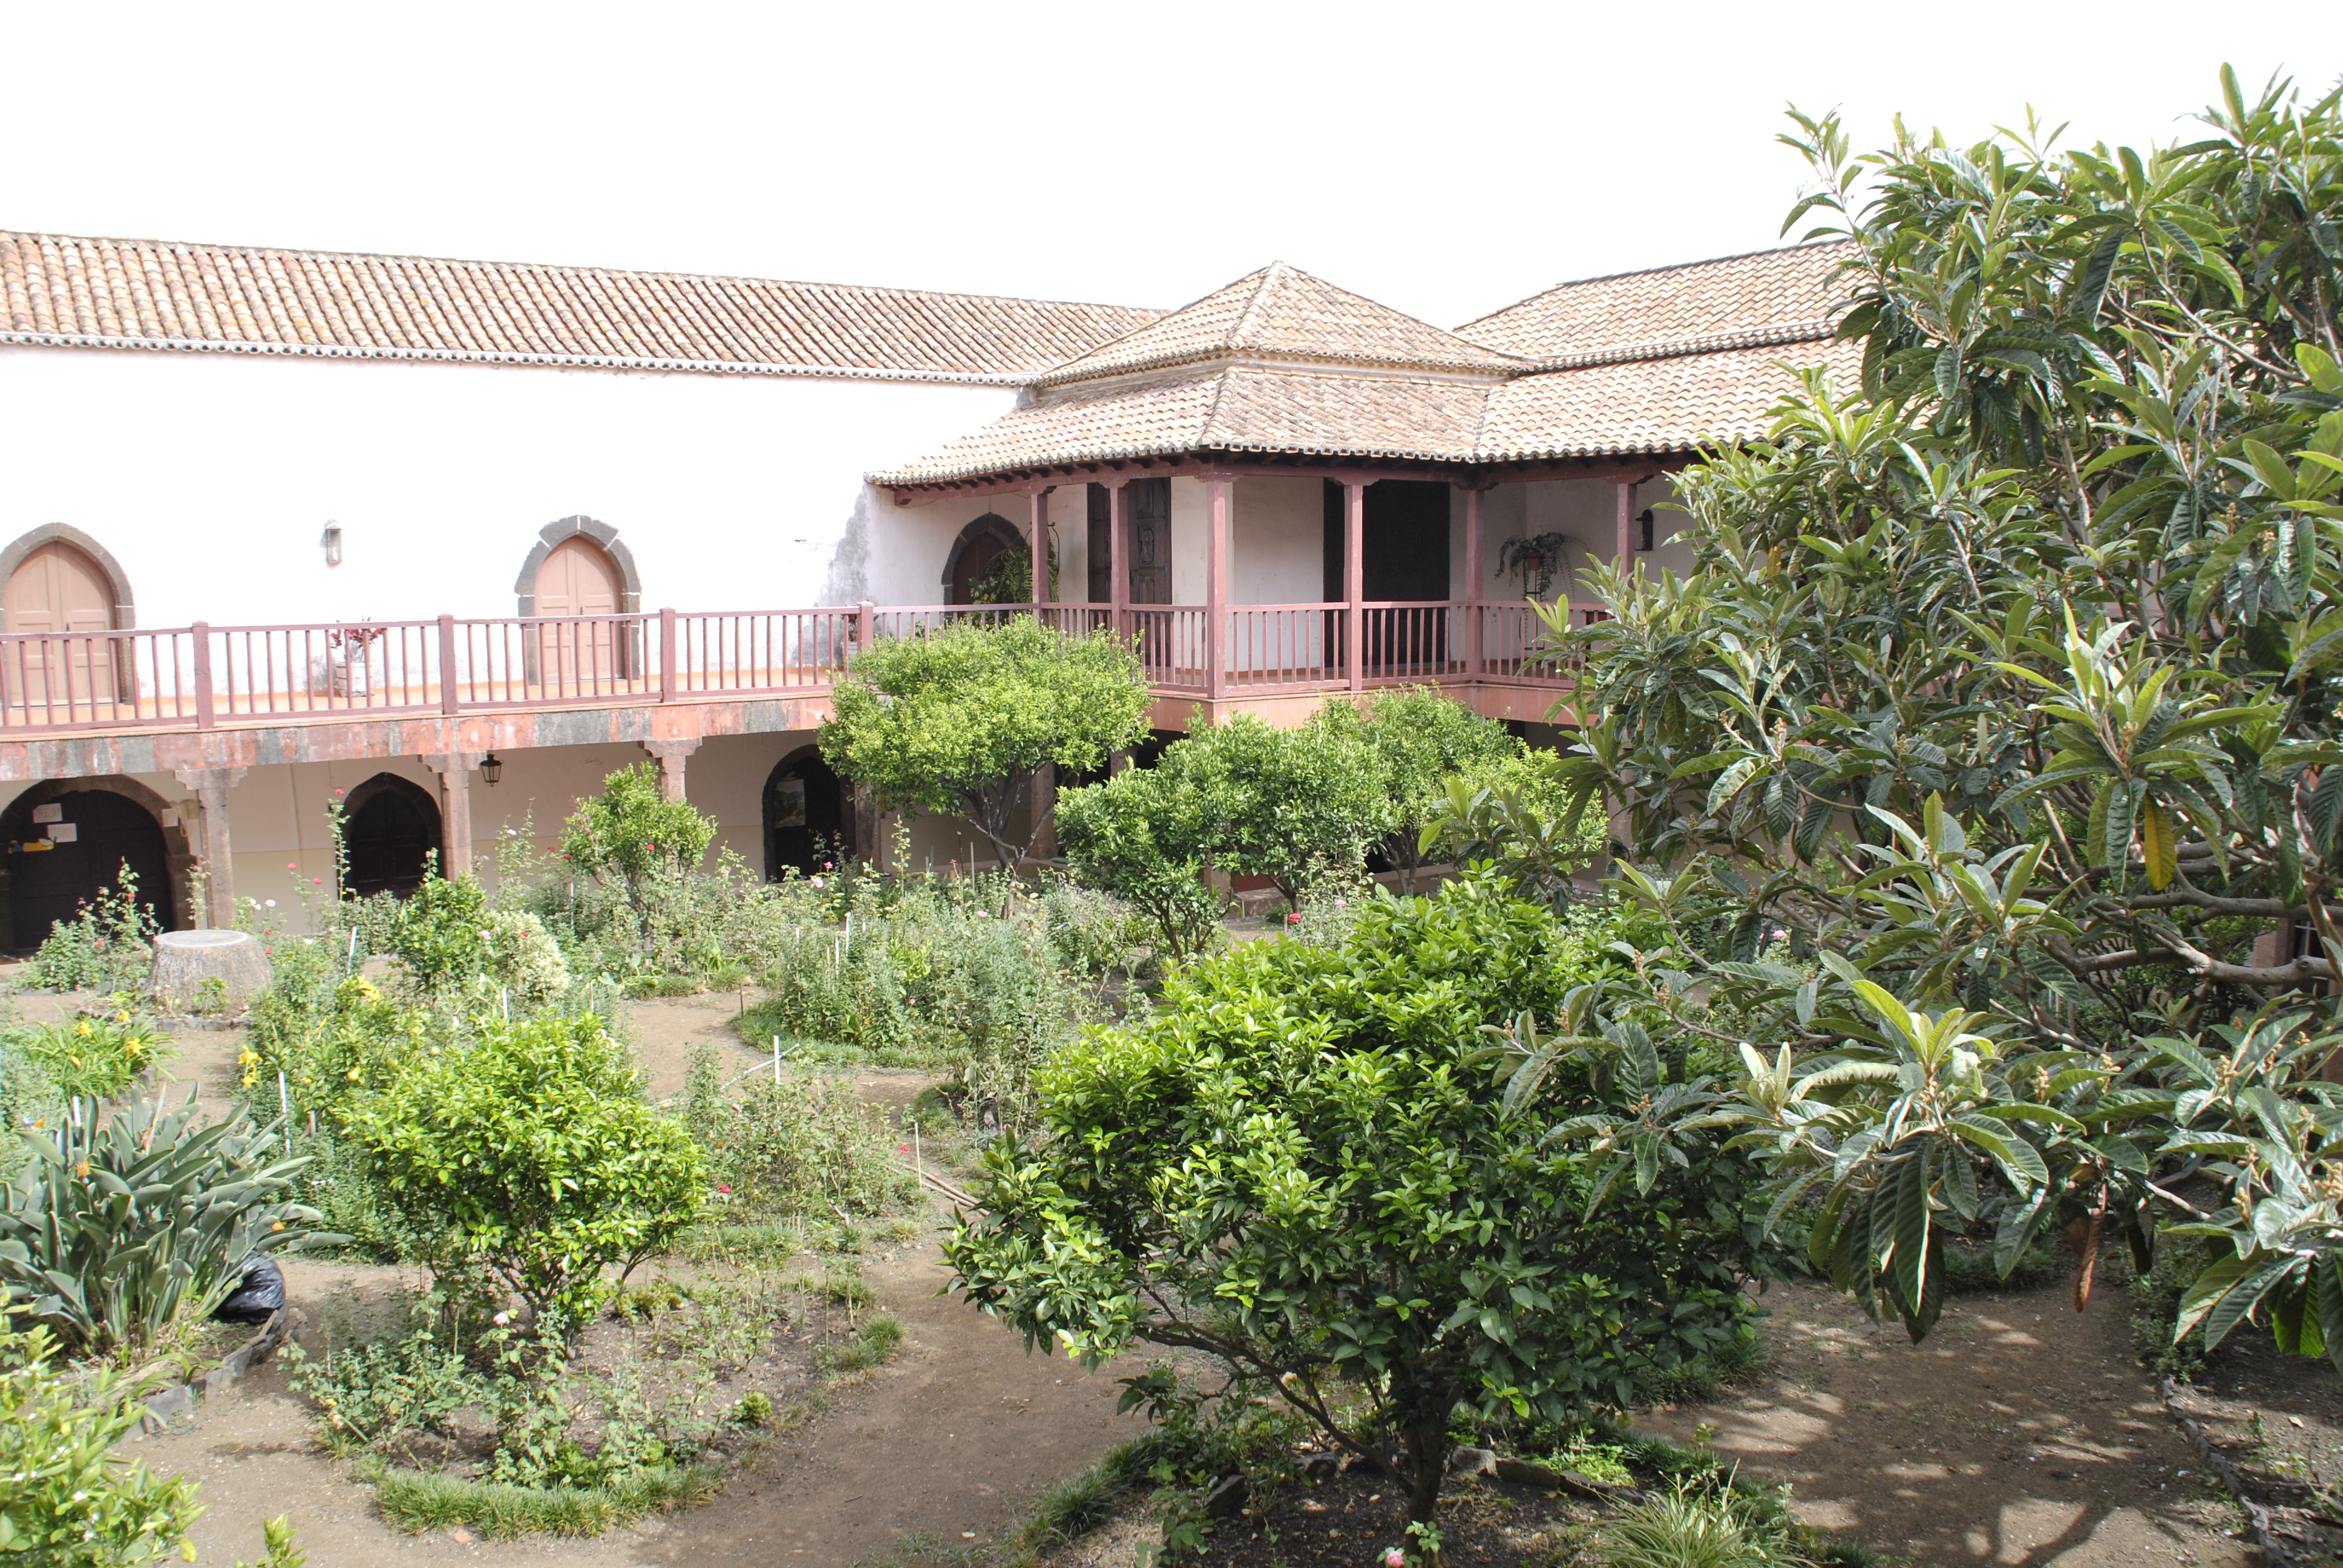 Reabilitação e Restauro do Convento de Santa Clara - Candidatura Aprovada no montante de 2,3 milhões de euros